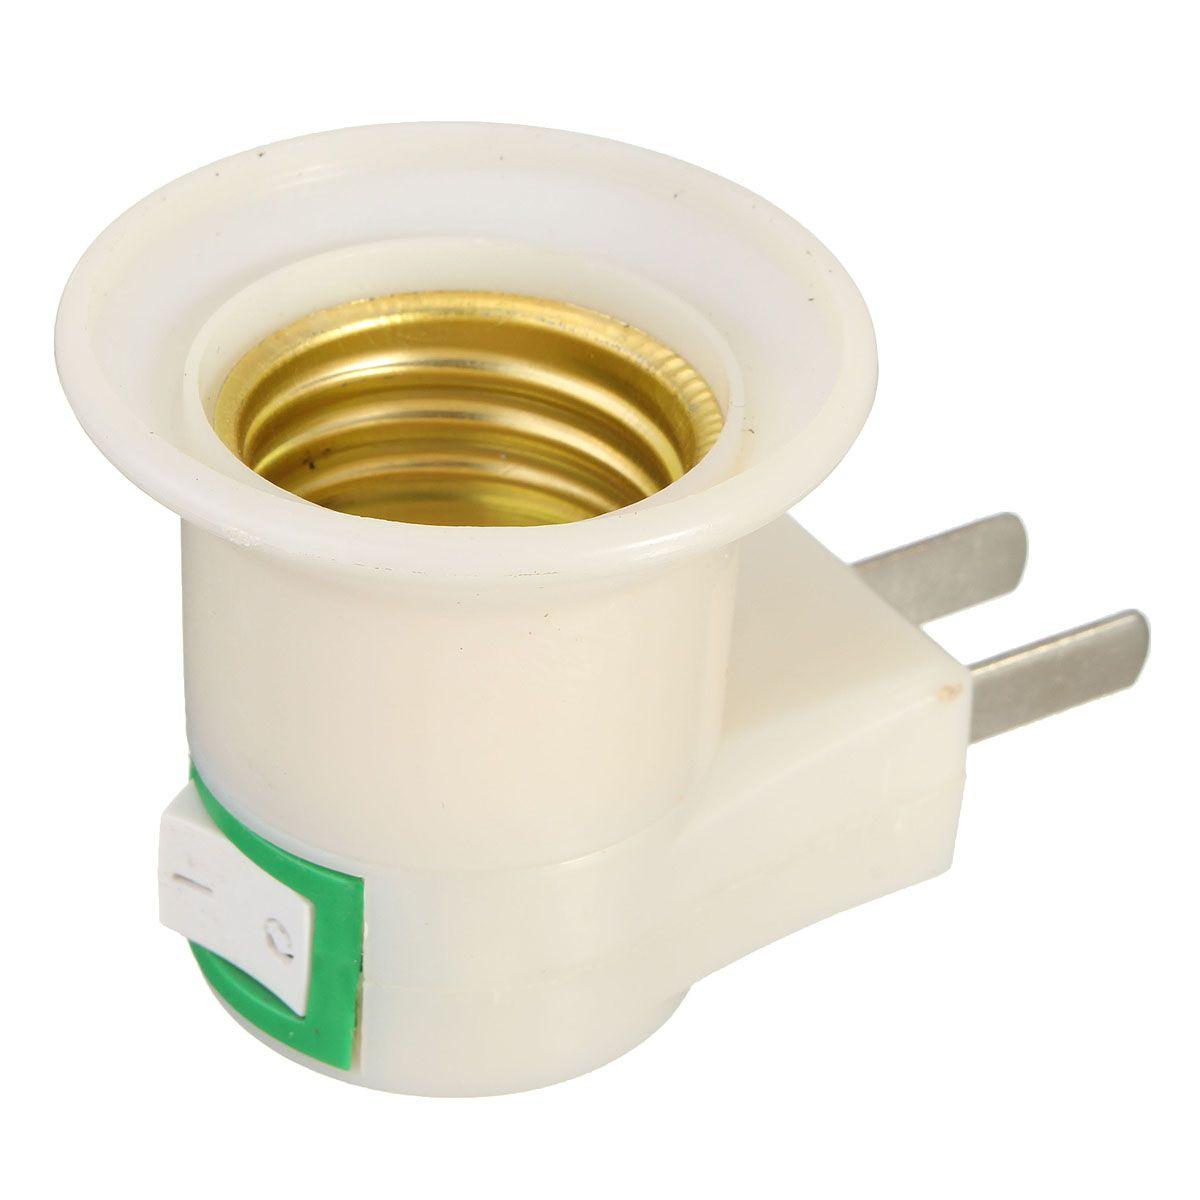 E27 Us Plug Bulb Adapter Converter For Lamp Holder With On Off Button Bulb Adapter Lamp Holder Socket Holder